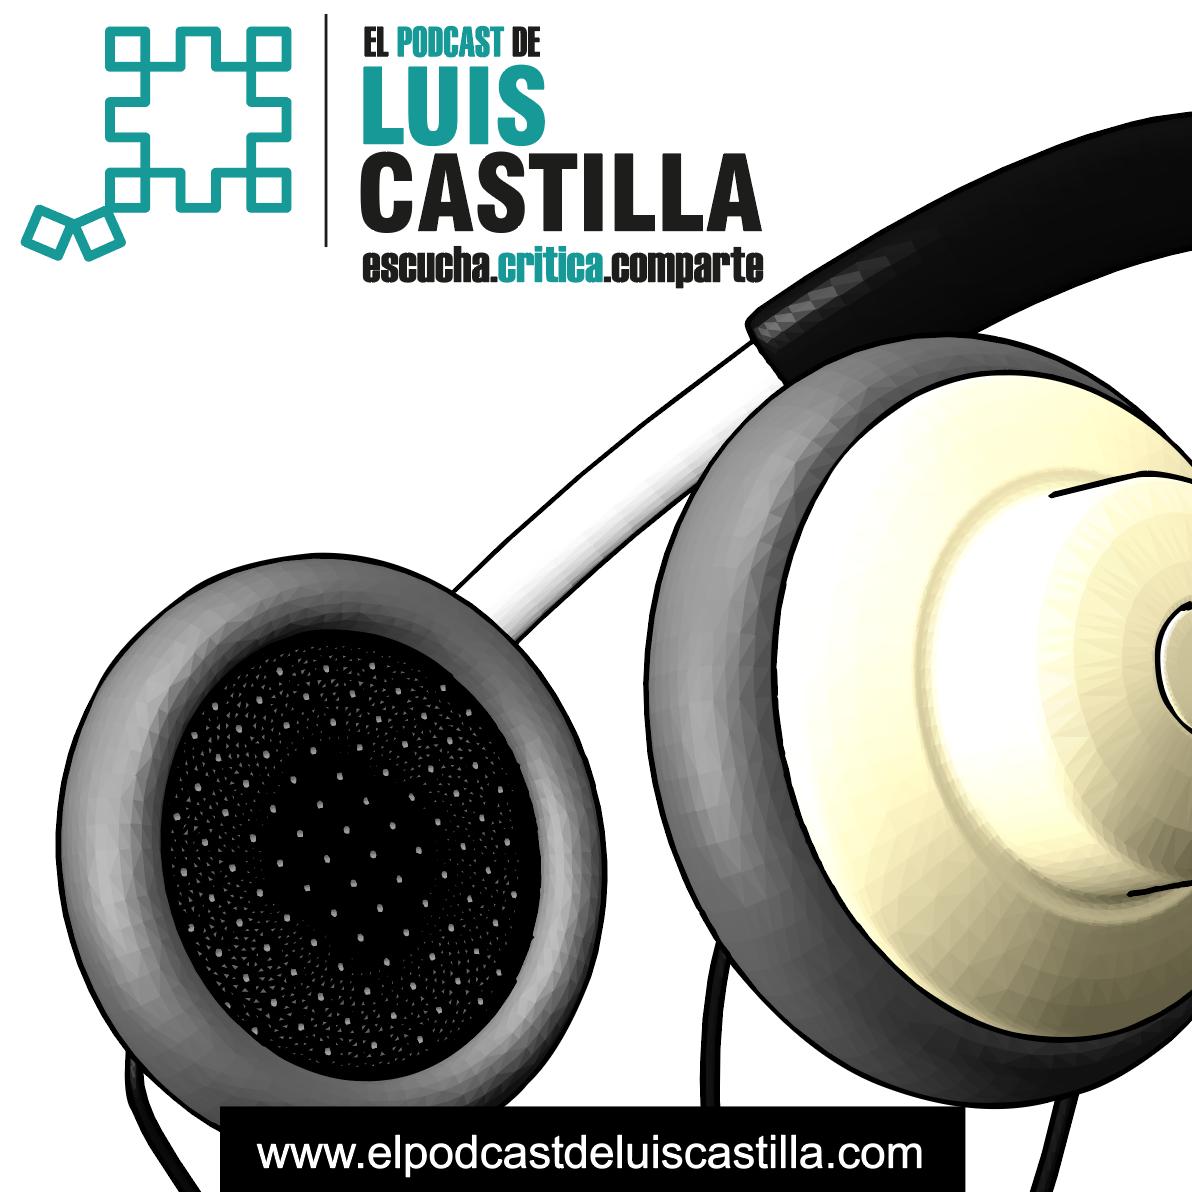 El Podcast De Luis Castilla show art